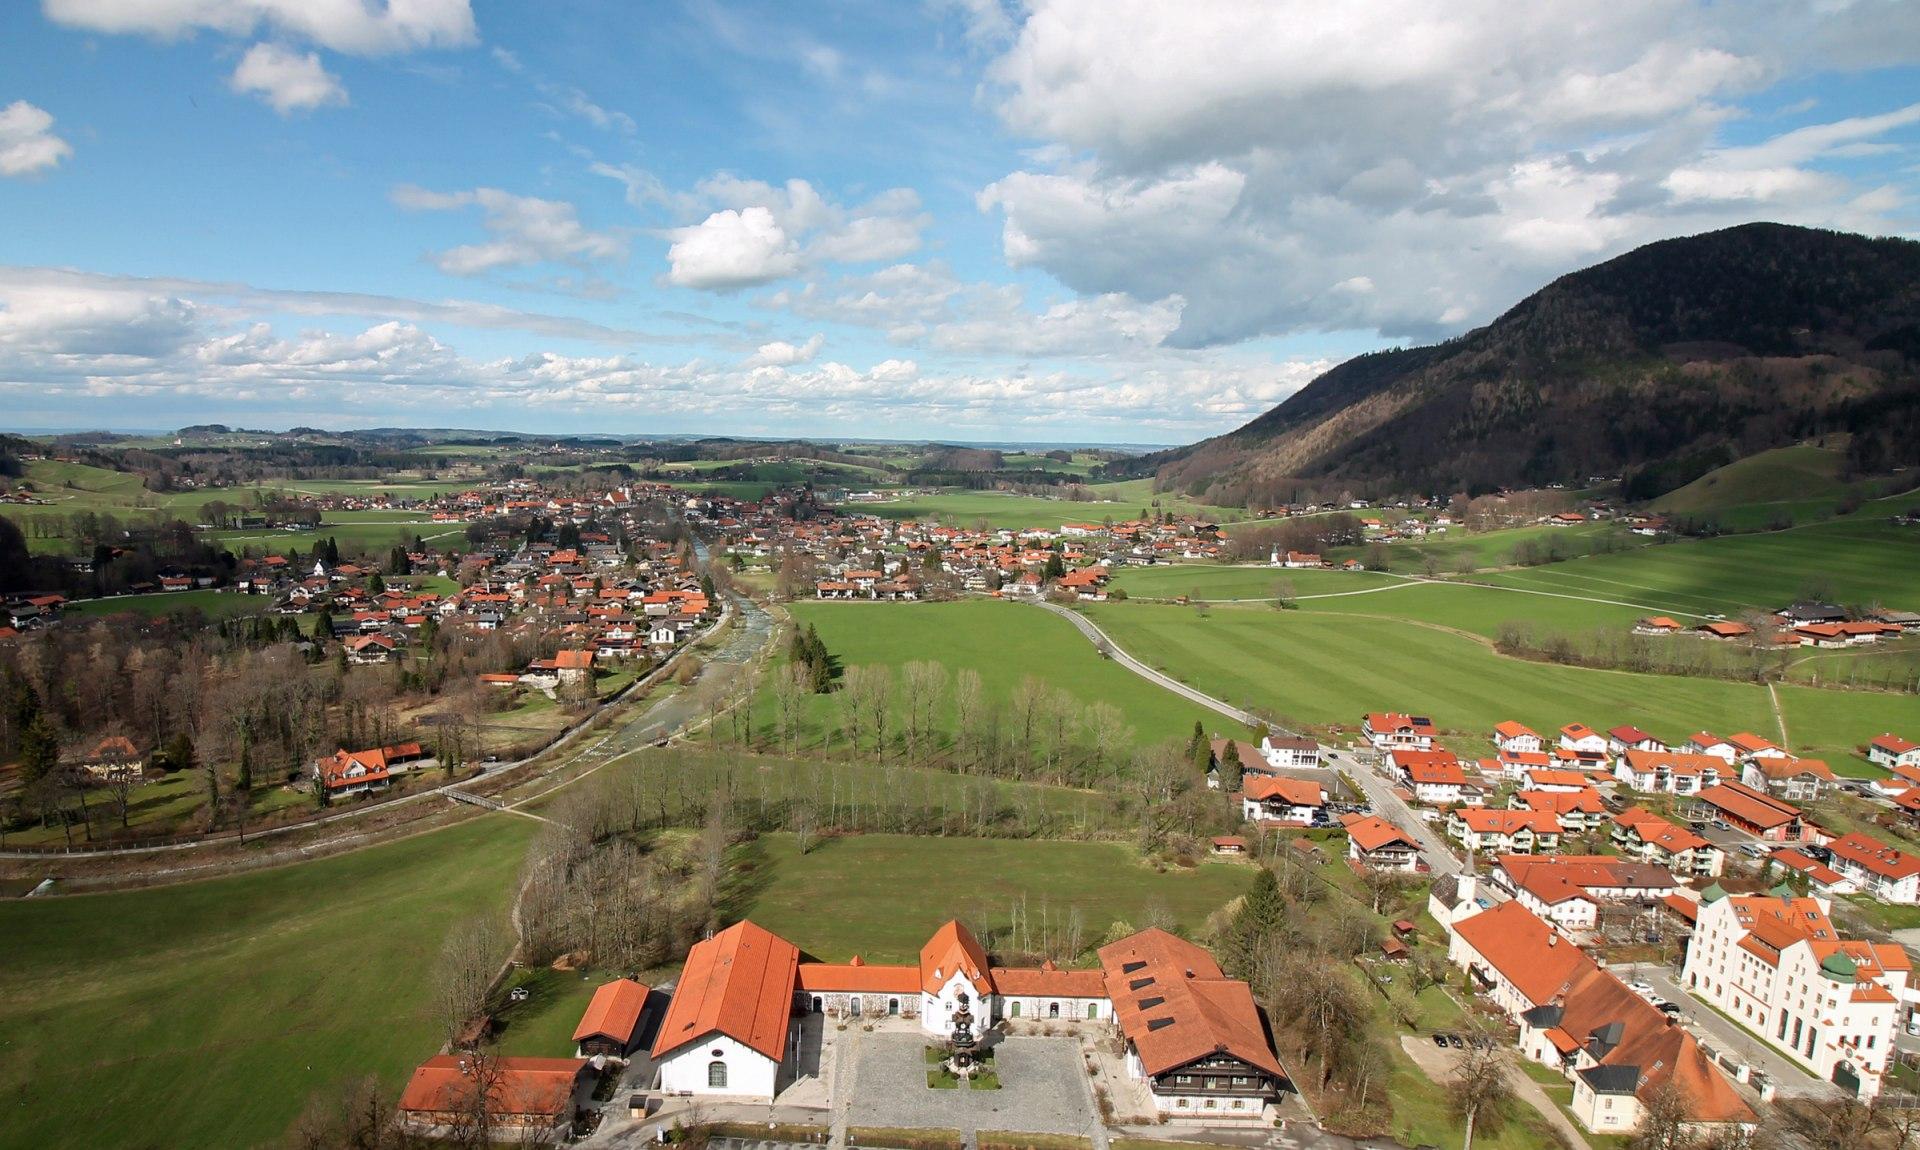 Aschau im Chiemgau - Blick vom Schloss Hohenaschau, © Tourist Info Aschau i.Ch.